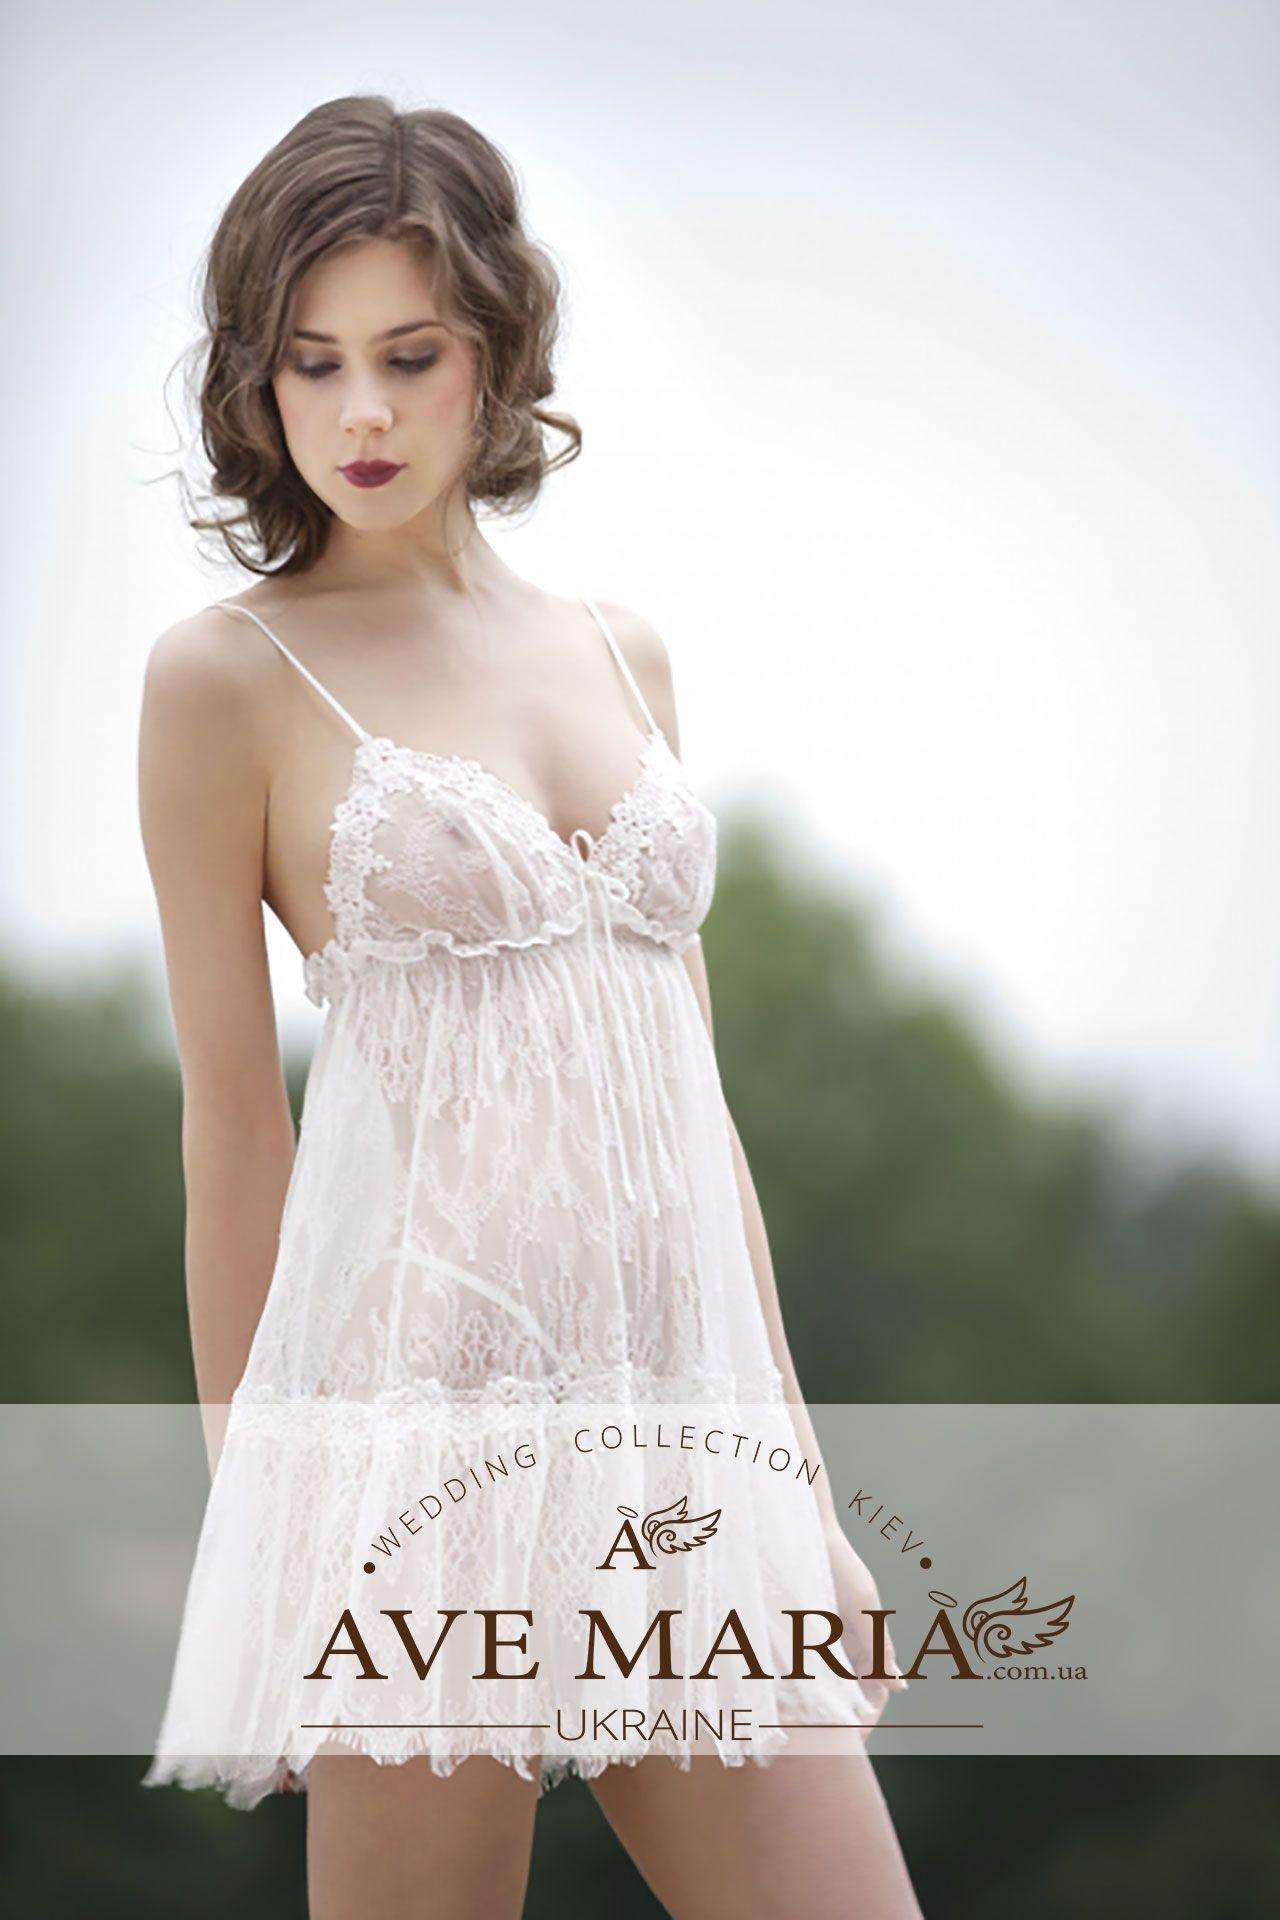 41f77d5b4d96 свадебный пеньюар для невесты Киев, купить свадебный пеньюар, кружевные  пеньюары Киев, купить,